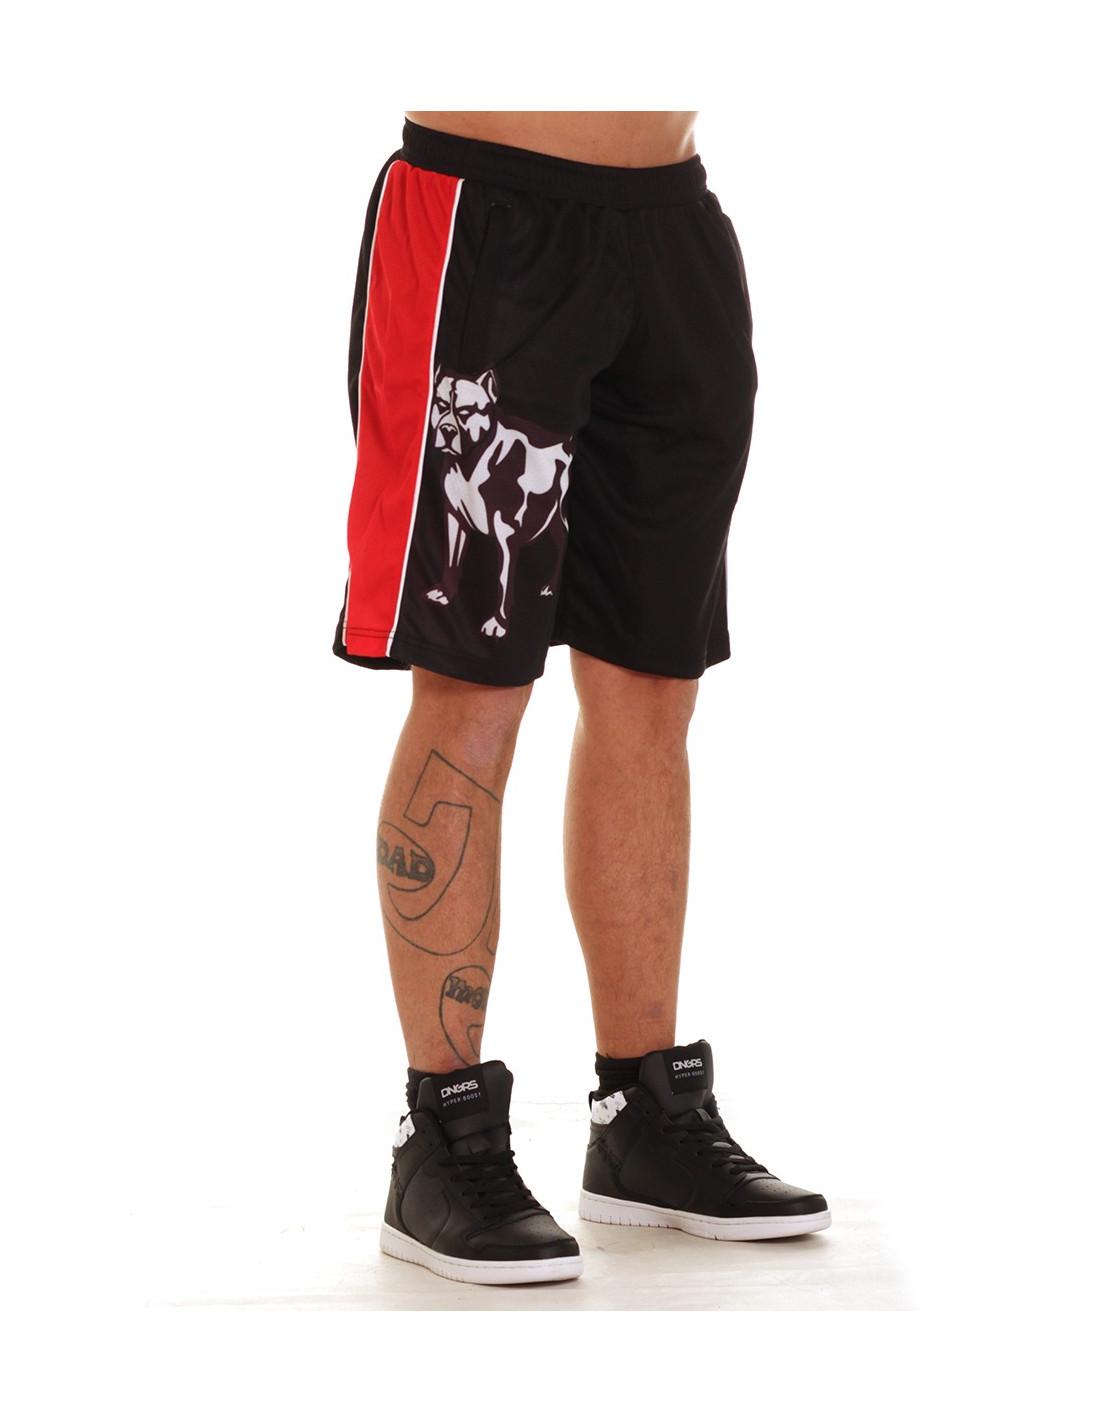 FAT313 Legend Shorts